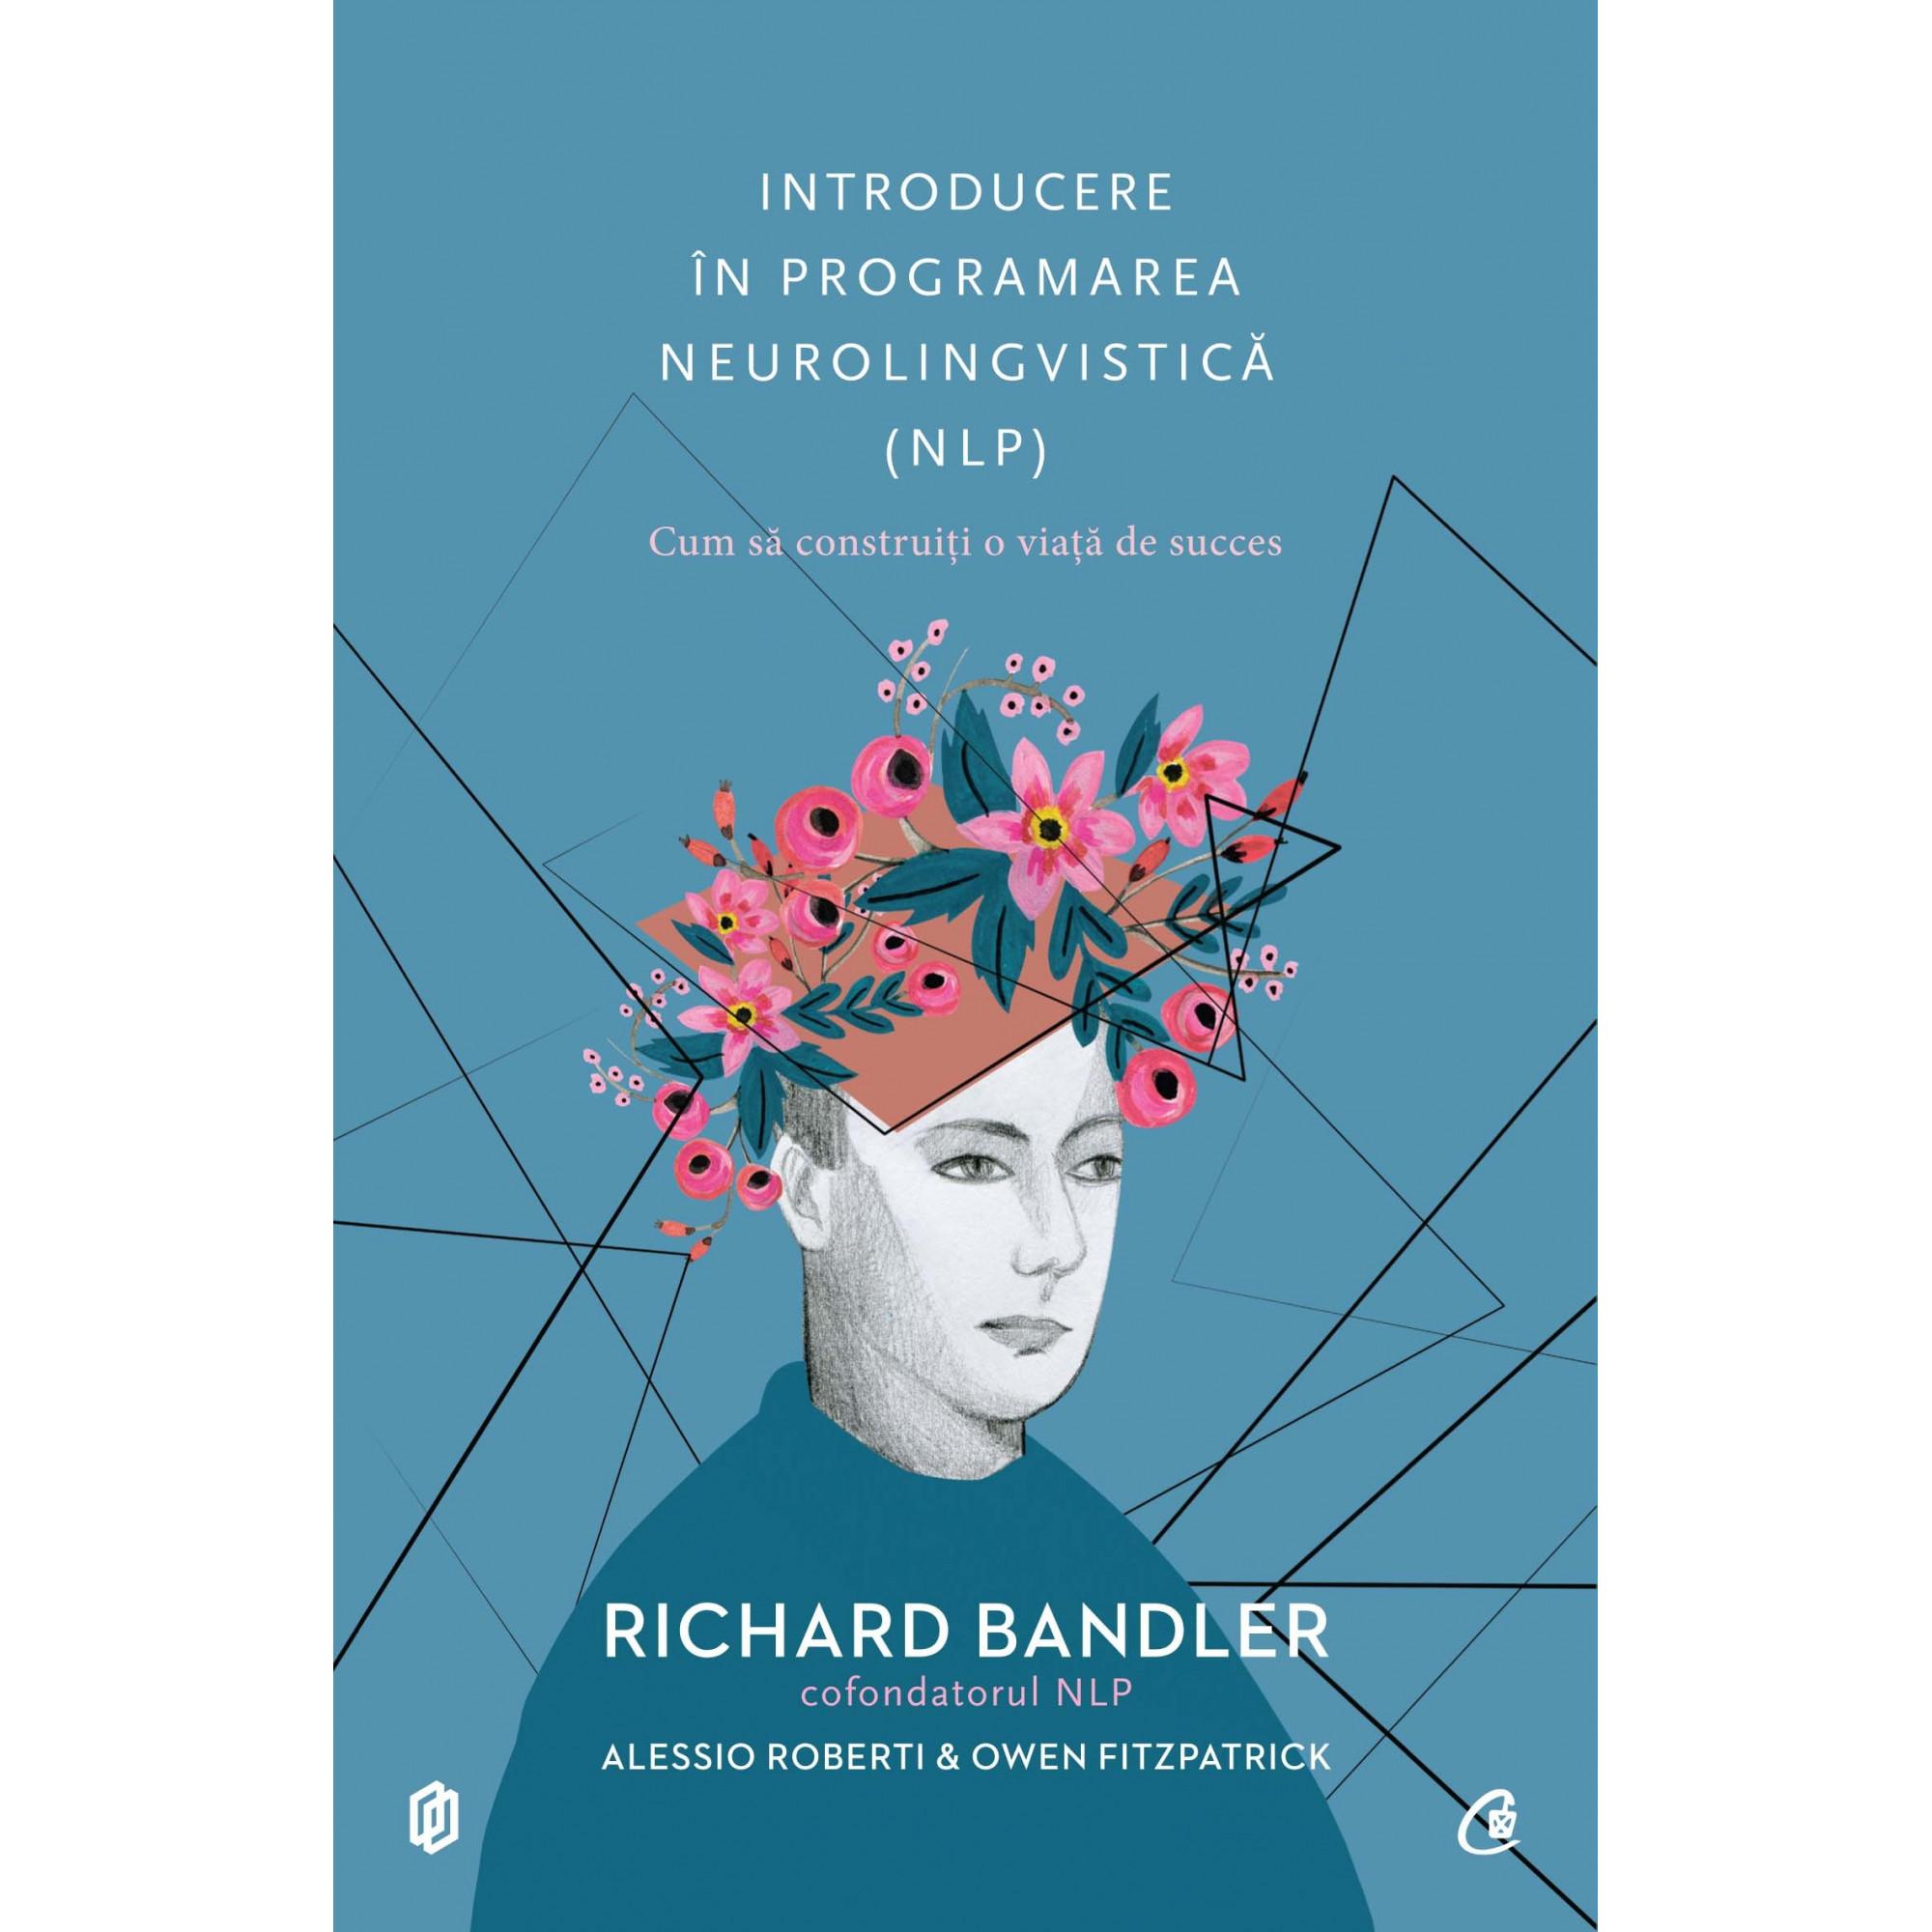 Introducere în programarea neurolingvistică (NLP); Richard Bandler, Alessio Roberti, Ower Fitzpatrick